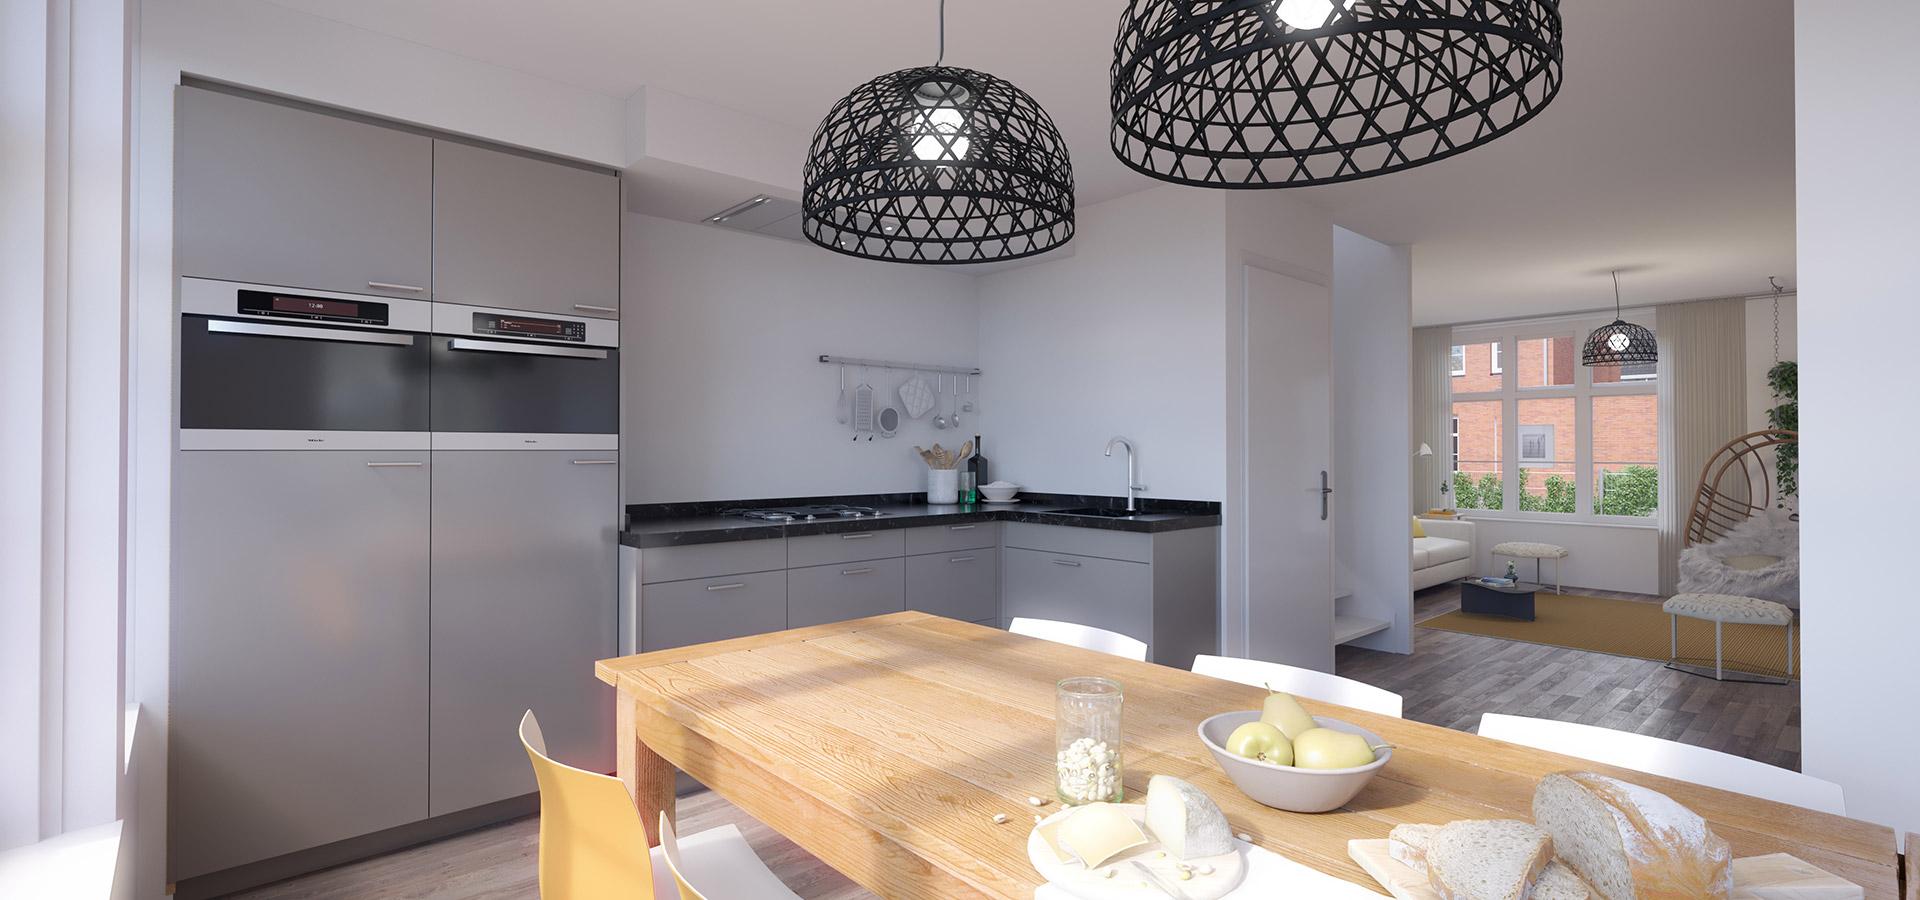 Interieur keuken (1)